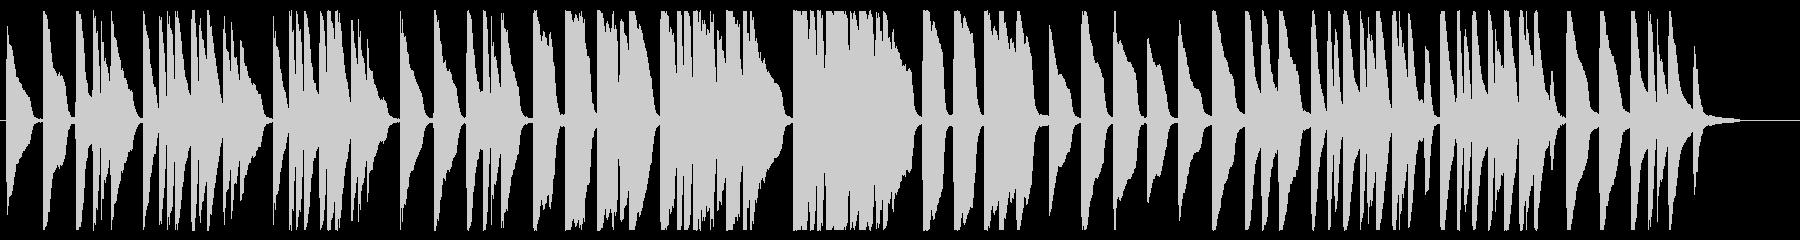 ほたるこい ピアノver.の未再生の波形